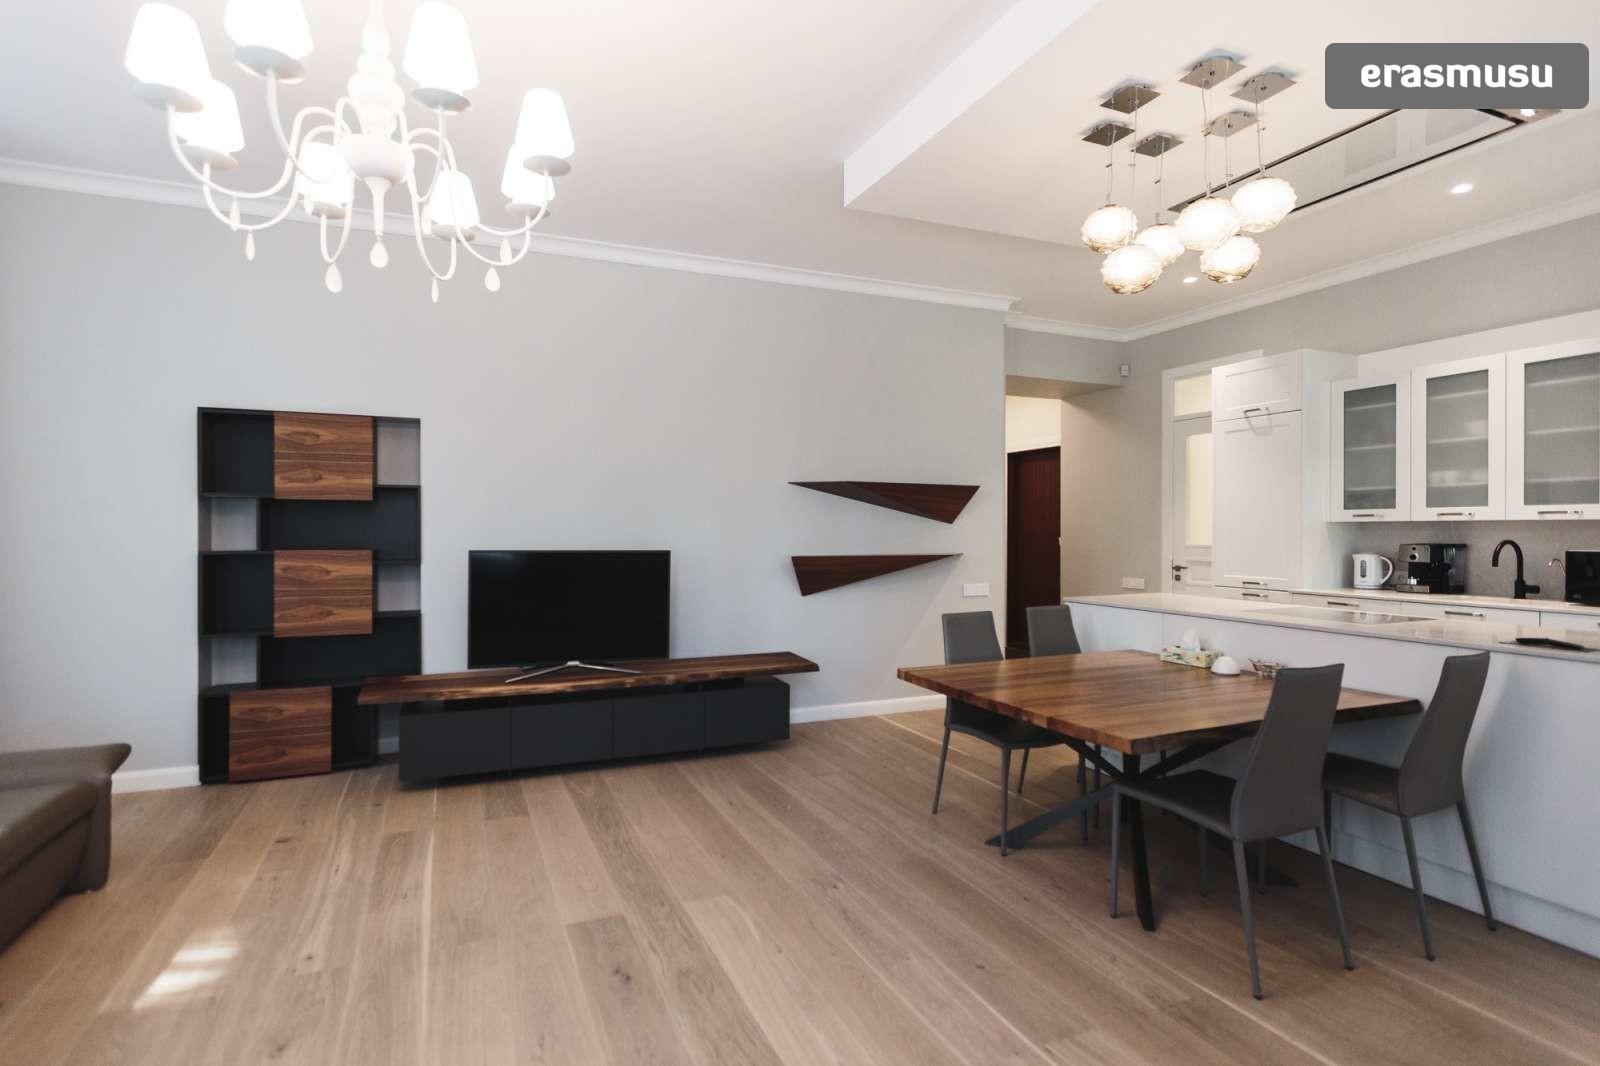 elegant-1-bedroom-apartment-rent-centrs-6bc2b76d7c3e55376b704973